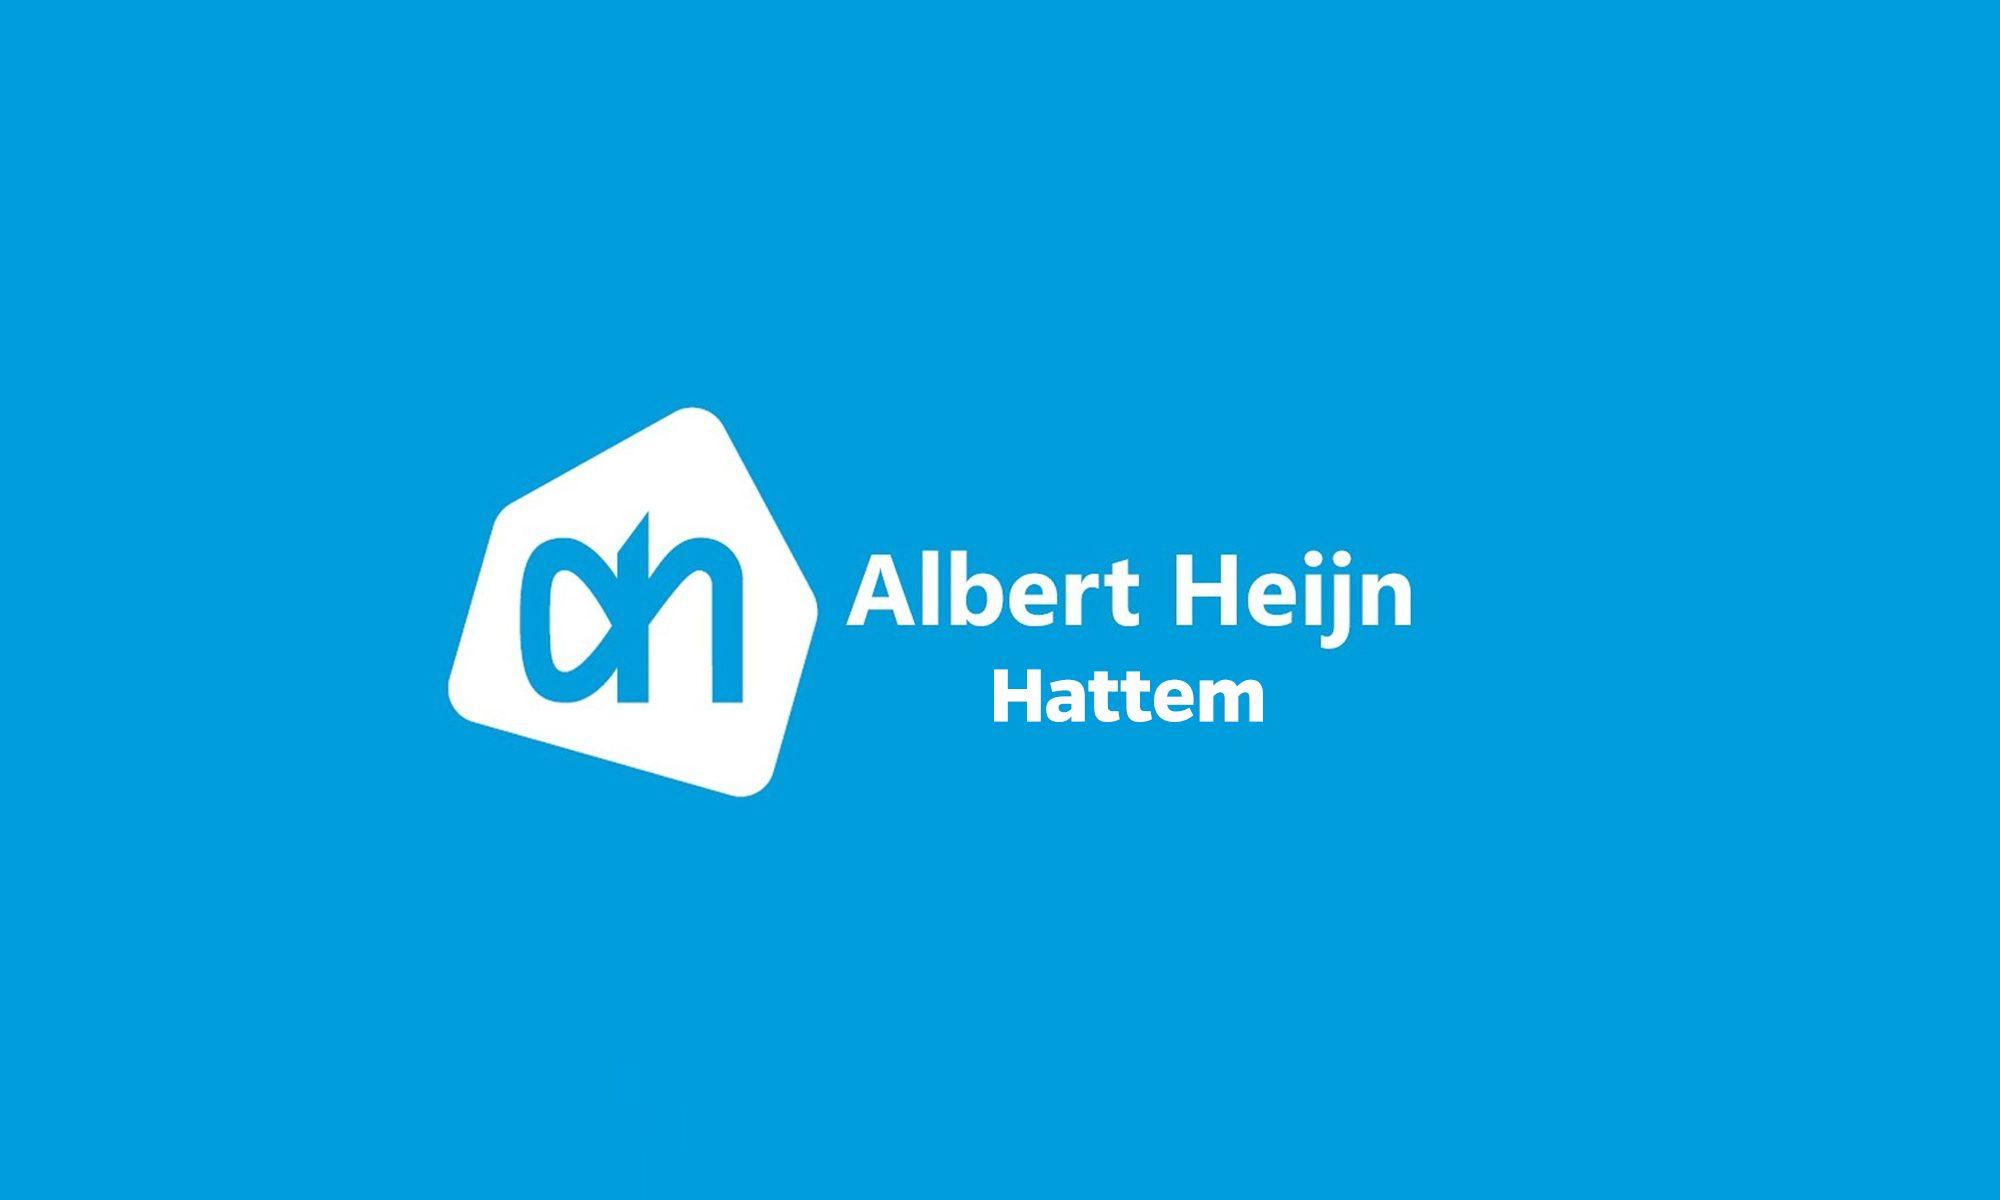 Albert Heijn - De AH van Hattem